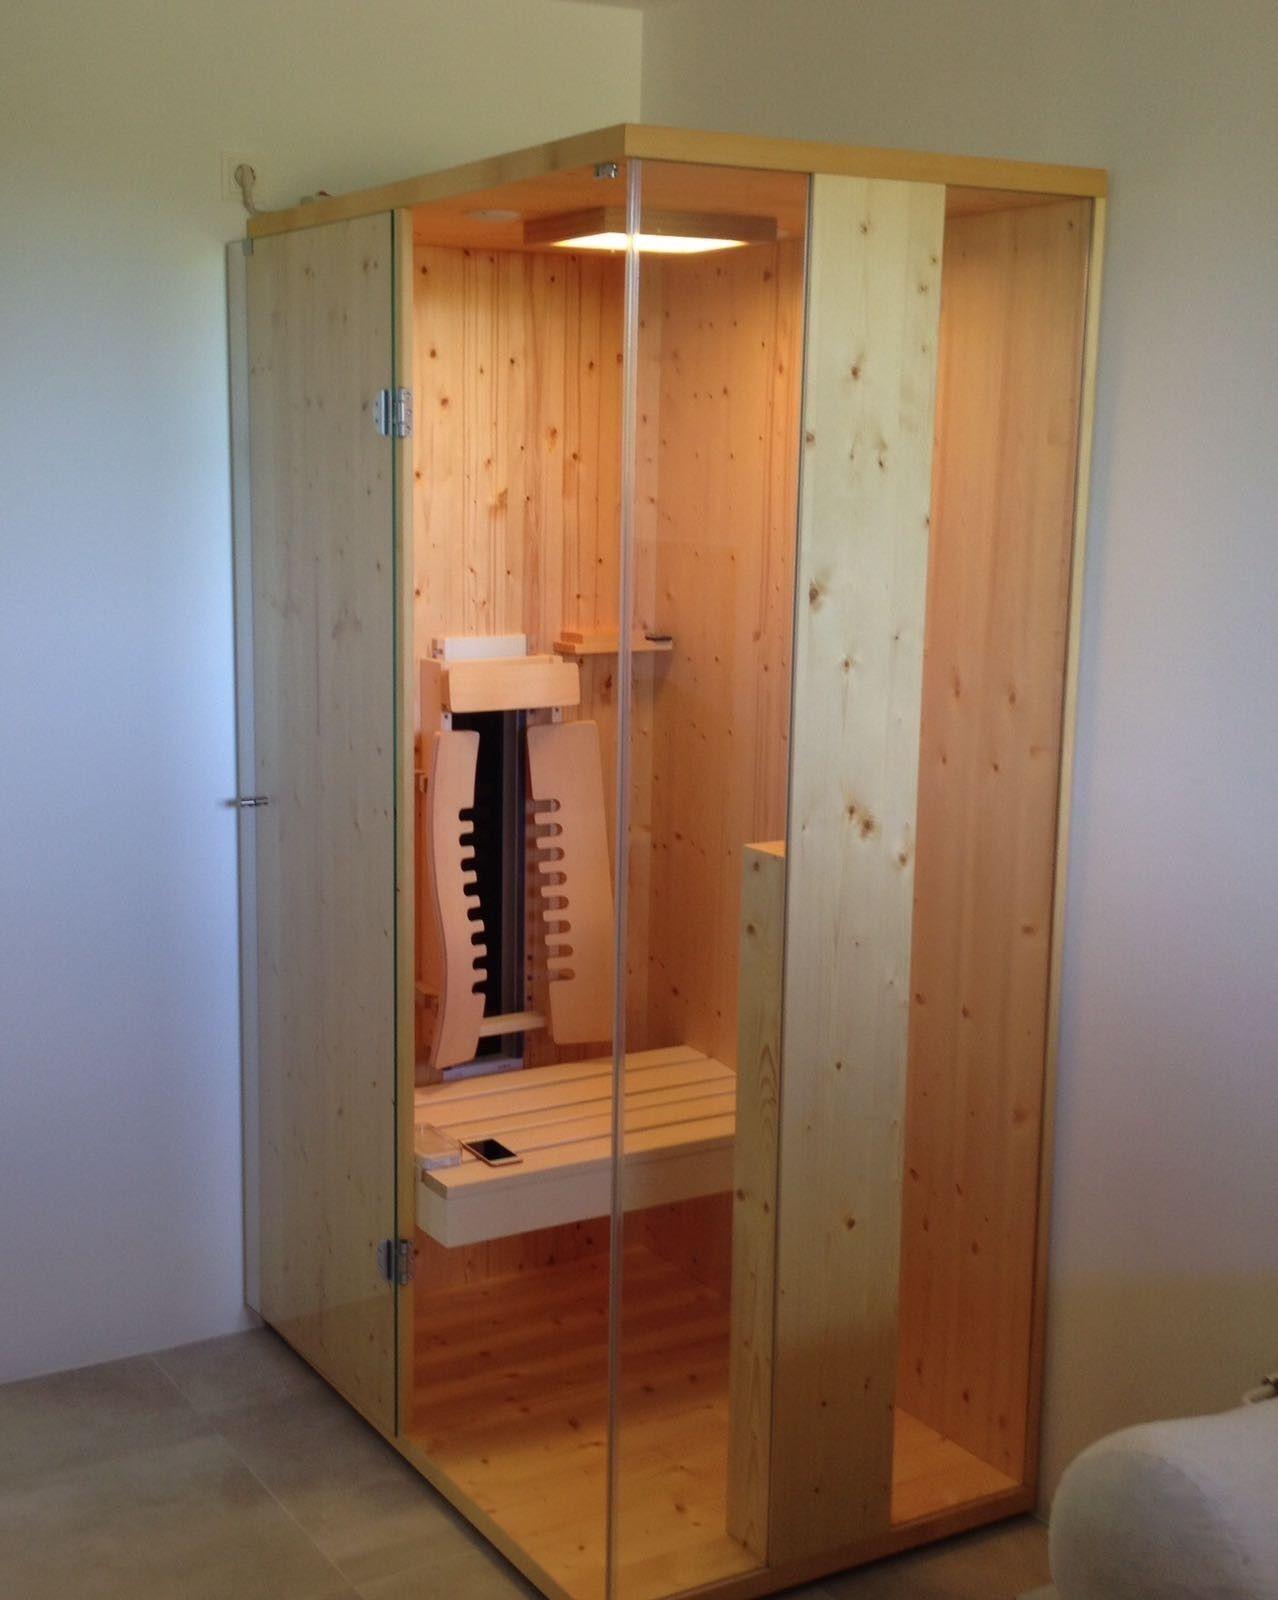 Klein Aber Fein Eine Kleine Infrarotkabine Fur Eine Person Von Gurtner Wellness Die Perfekte Austattung Macht Sie Zu E Infrarotkabine Kabine Infrarot Sauna